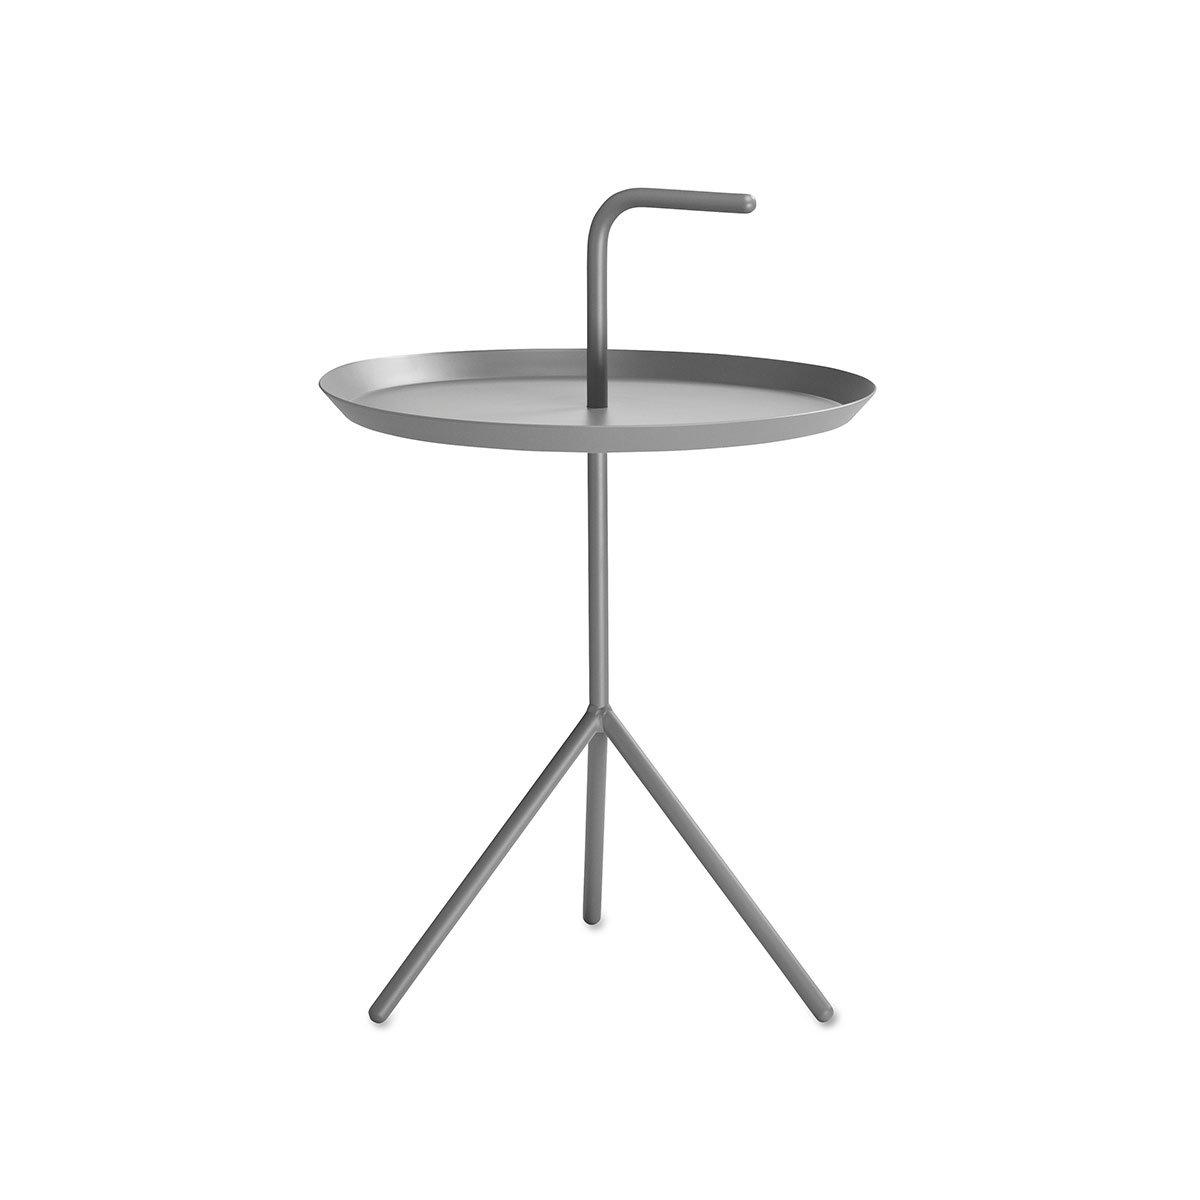 DLM Beistelltisch grau /Ø 38cm H/öhe Ablage 44cm